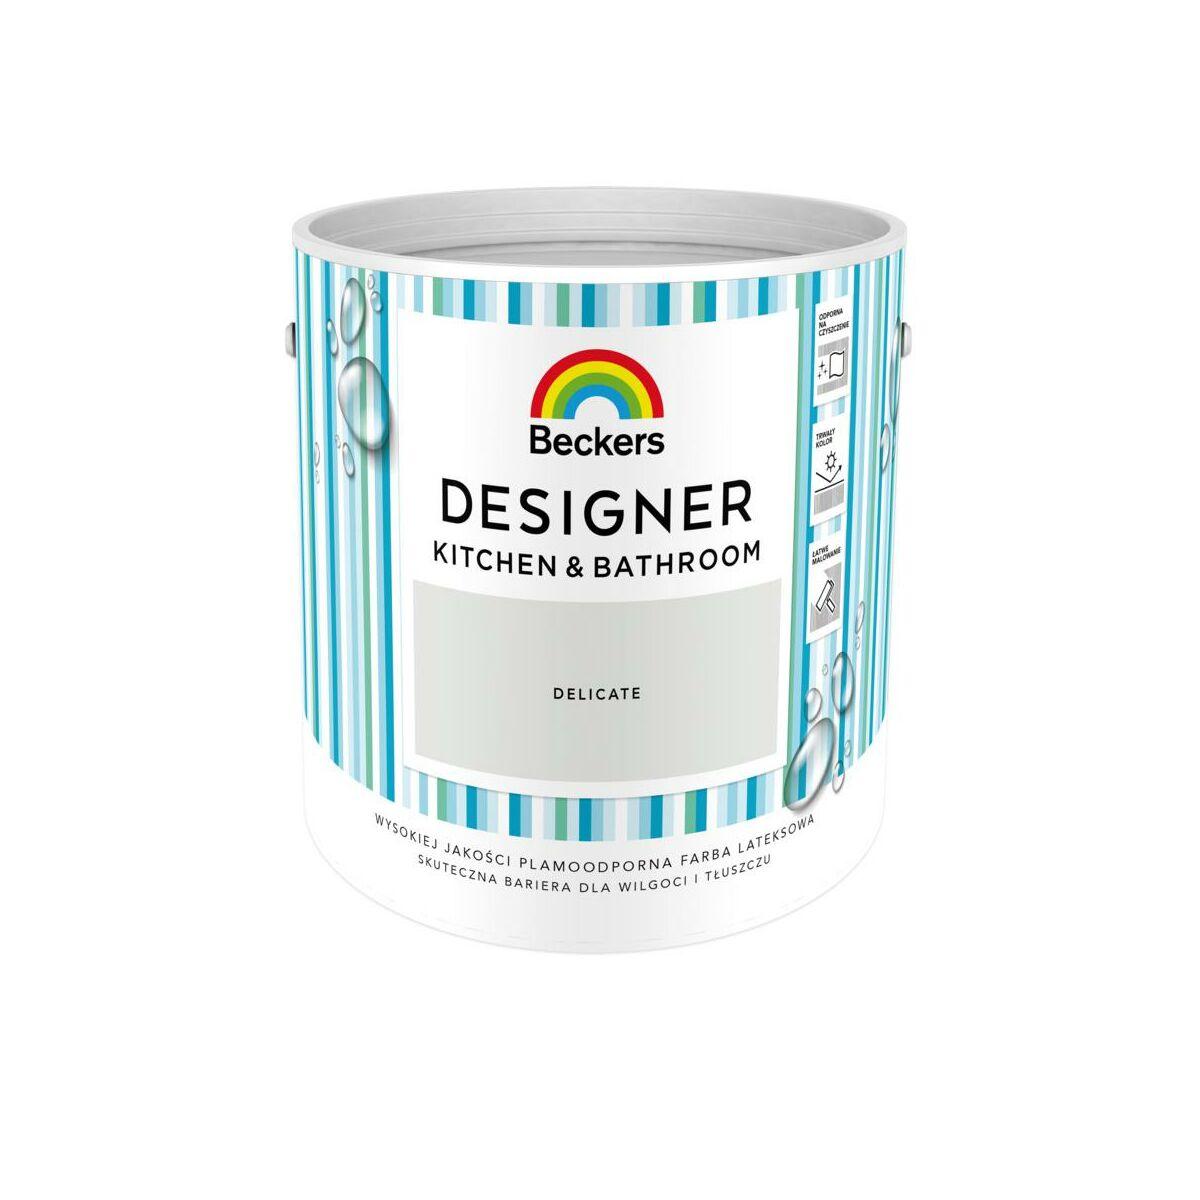 Farba Wewnetrzna Designer Kitchen Bathroom 2 5 L Delicate Beckers Farby Scienne Kolorowe W Atrakcyjnej Cenie W Sklepach Leroy Merlin